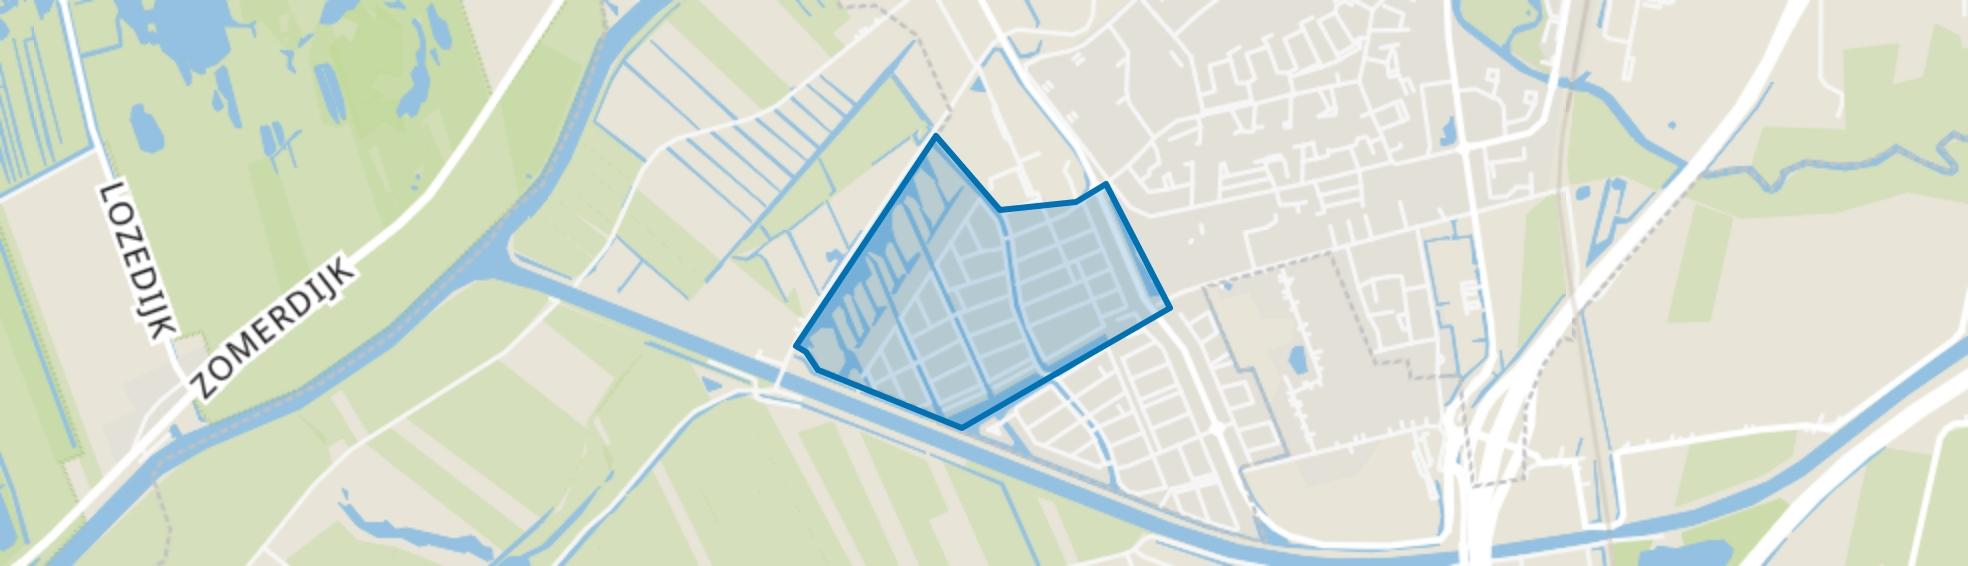 Plantenbuurt, Meppel map